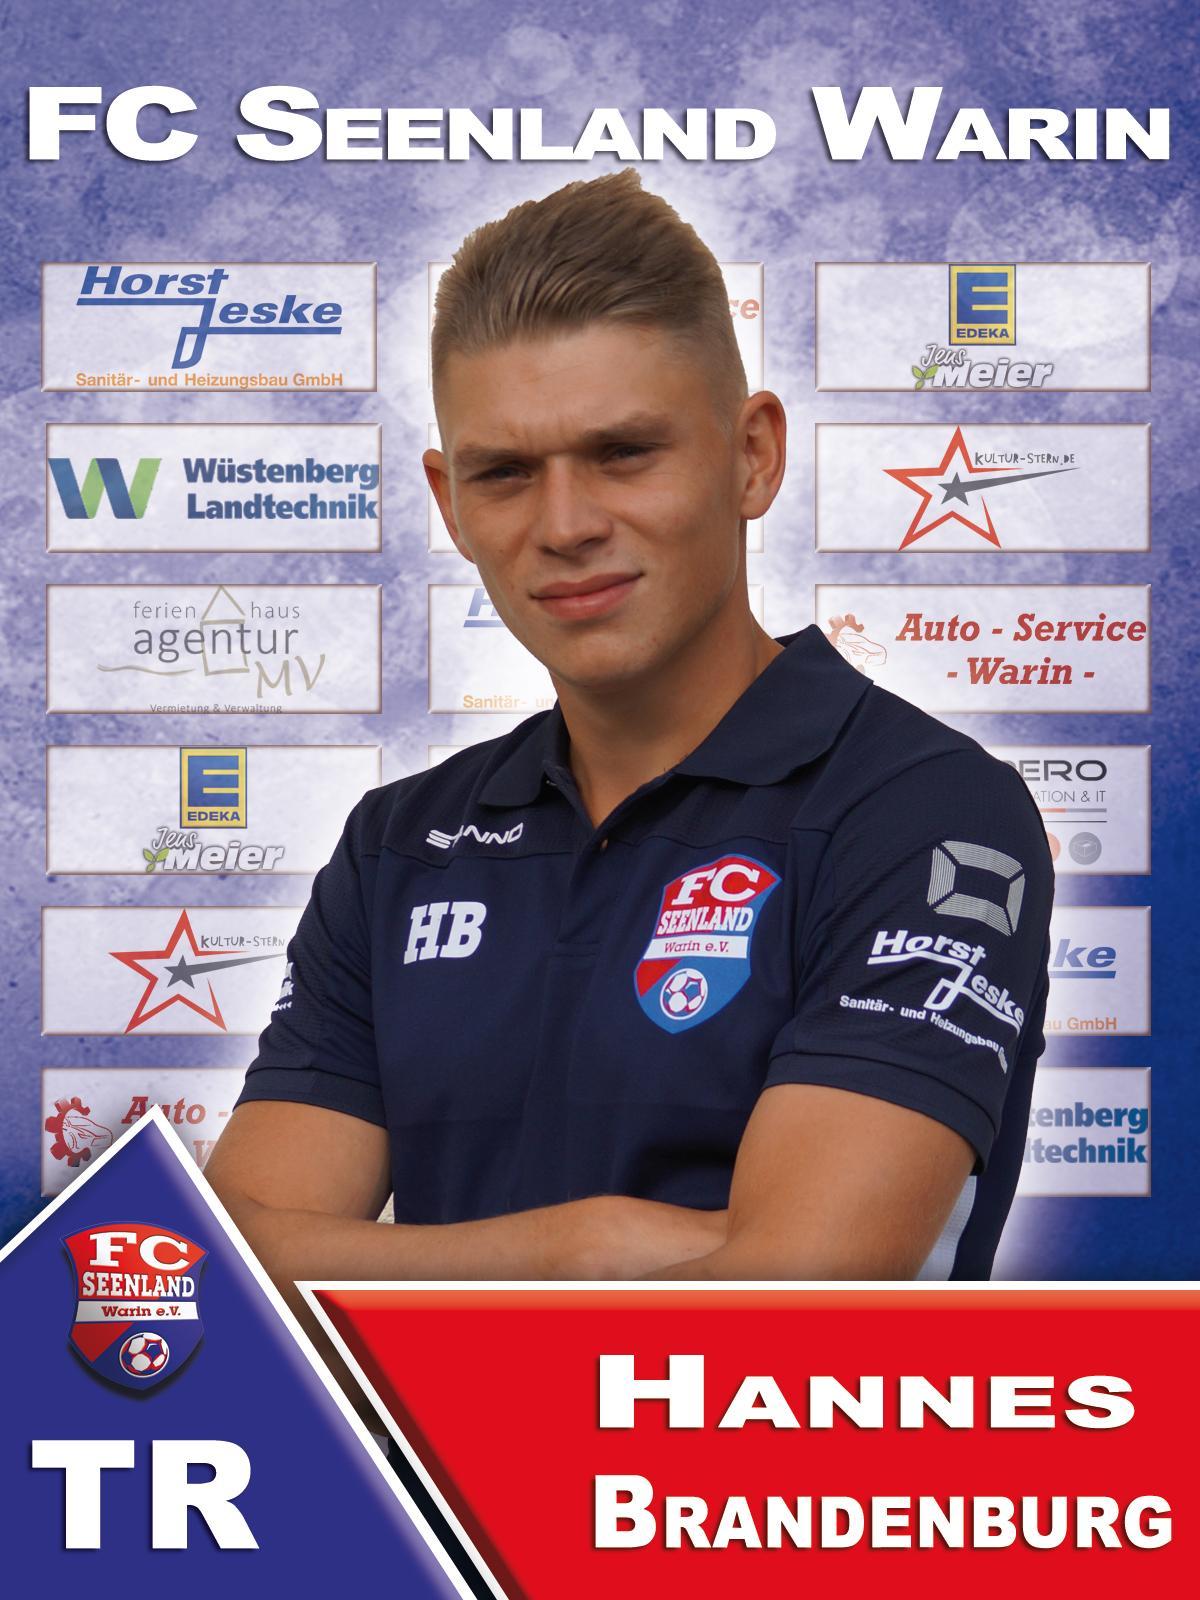 Hannes Brandenburg